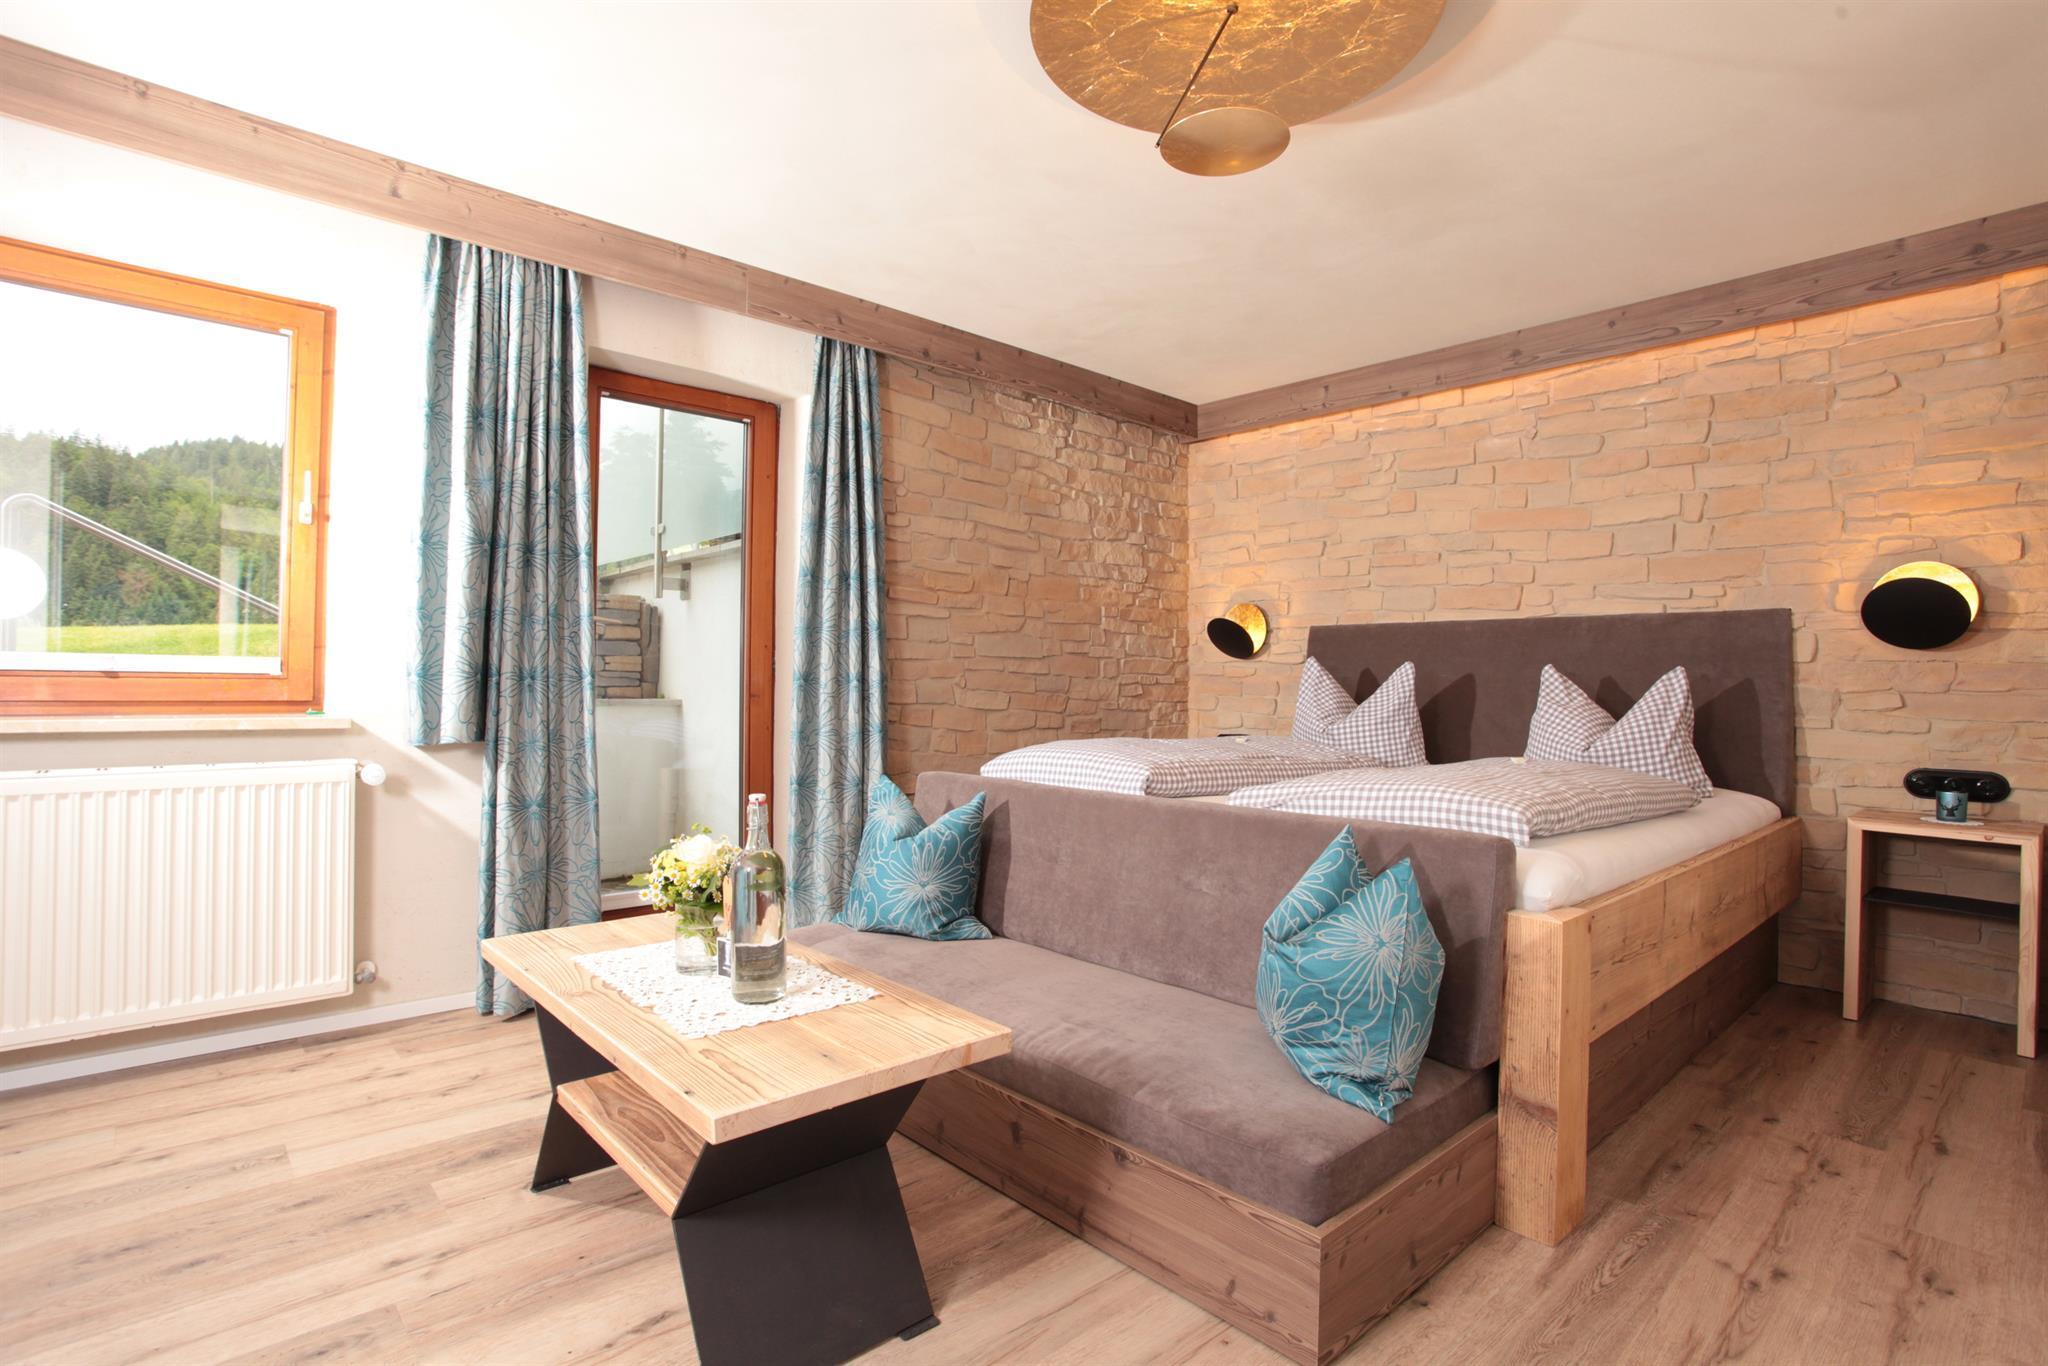 Ferienwohnung Landhaus Bromm Apartment/2 Schlafraum/Dusche, WC,